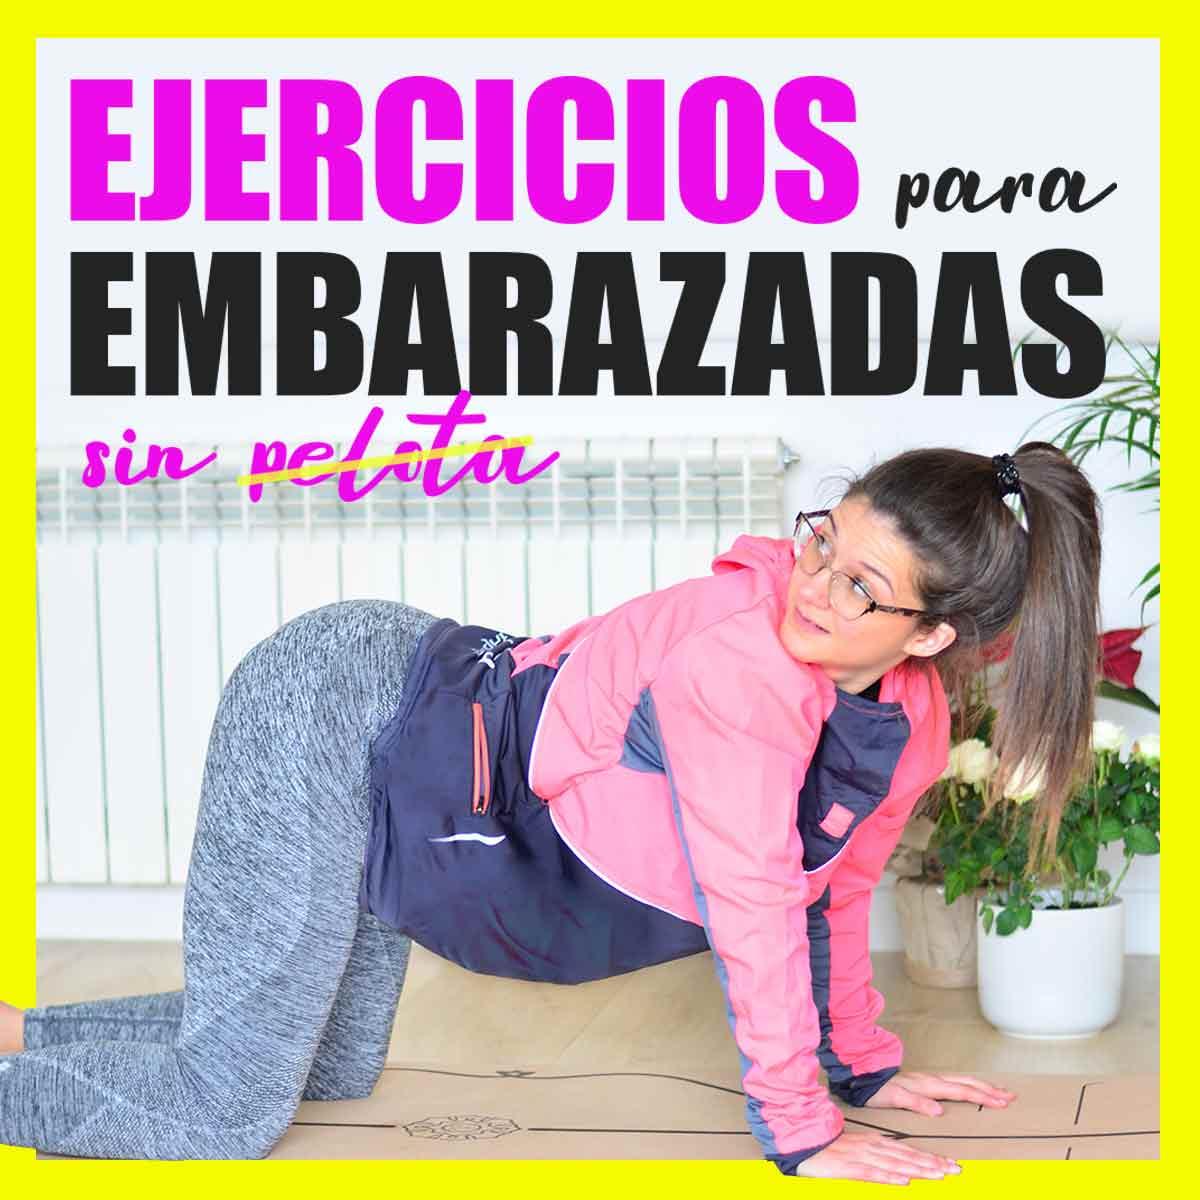 Ejercicios-para-embarazadas-sin-pelota-ejercicios-preparacion-parto-embarazo-suelo-pelvico-perineo-relajacion-embarazo